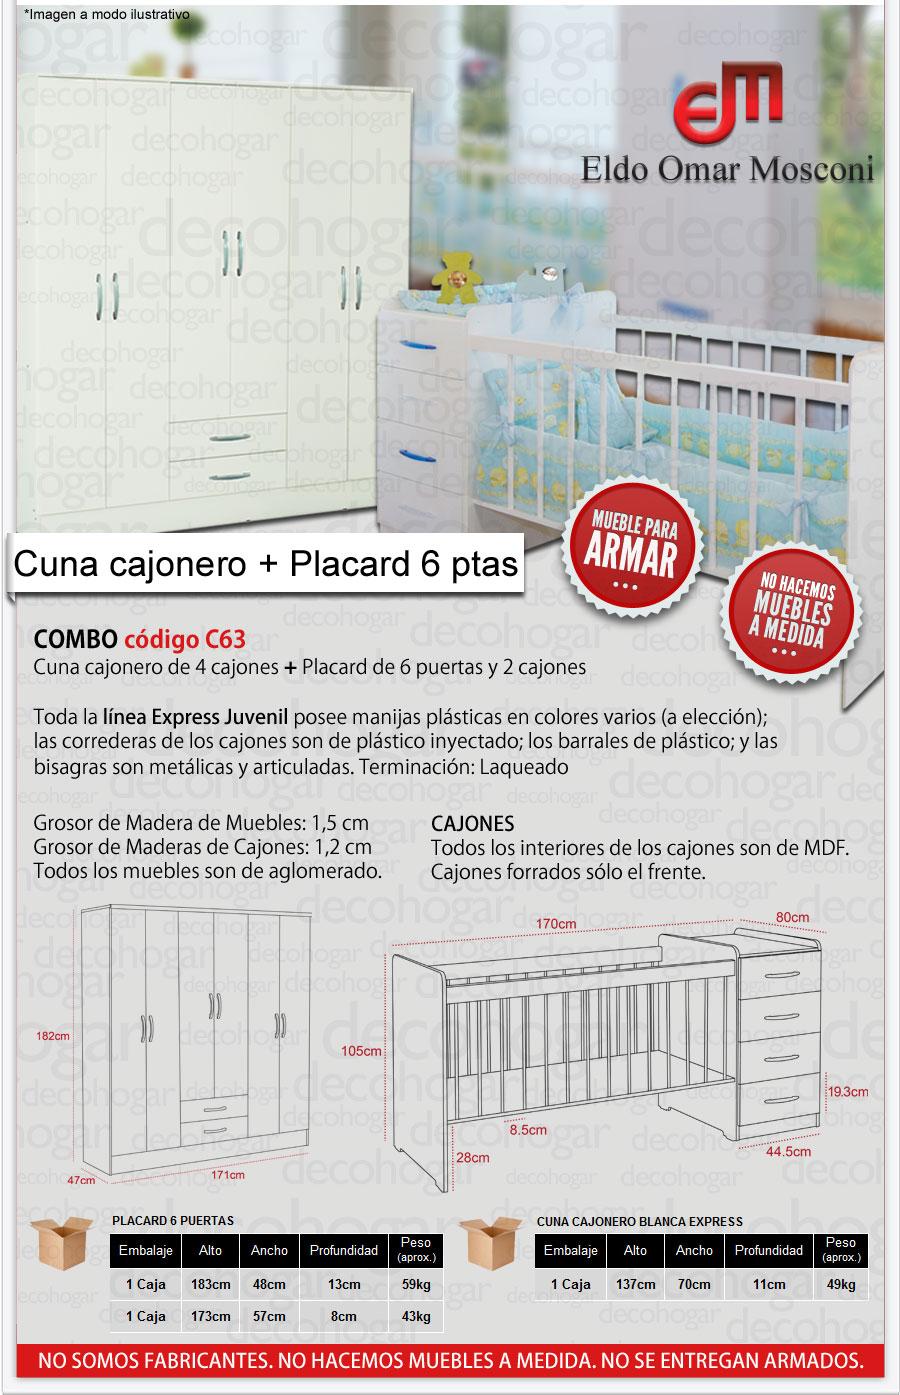 CUNA CAJONERO Y PLACARD 26 MOSCONI